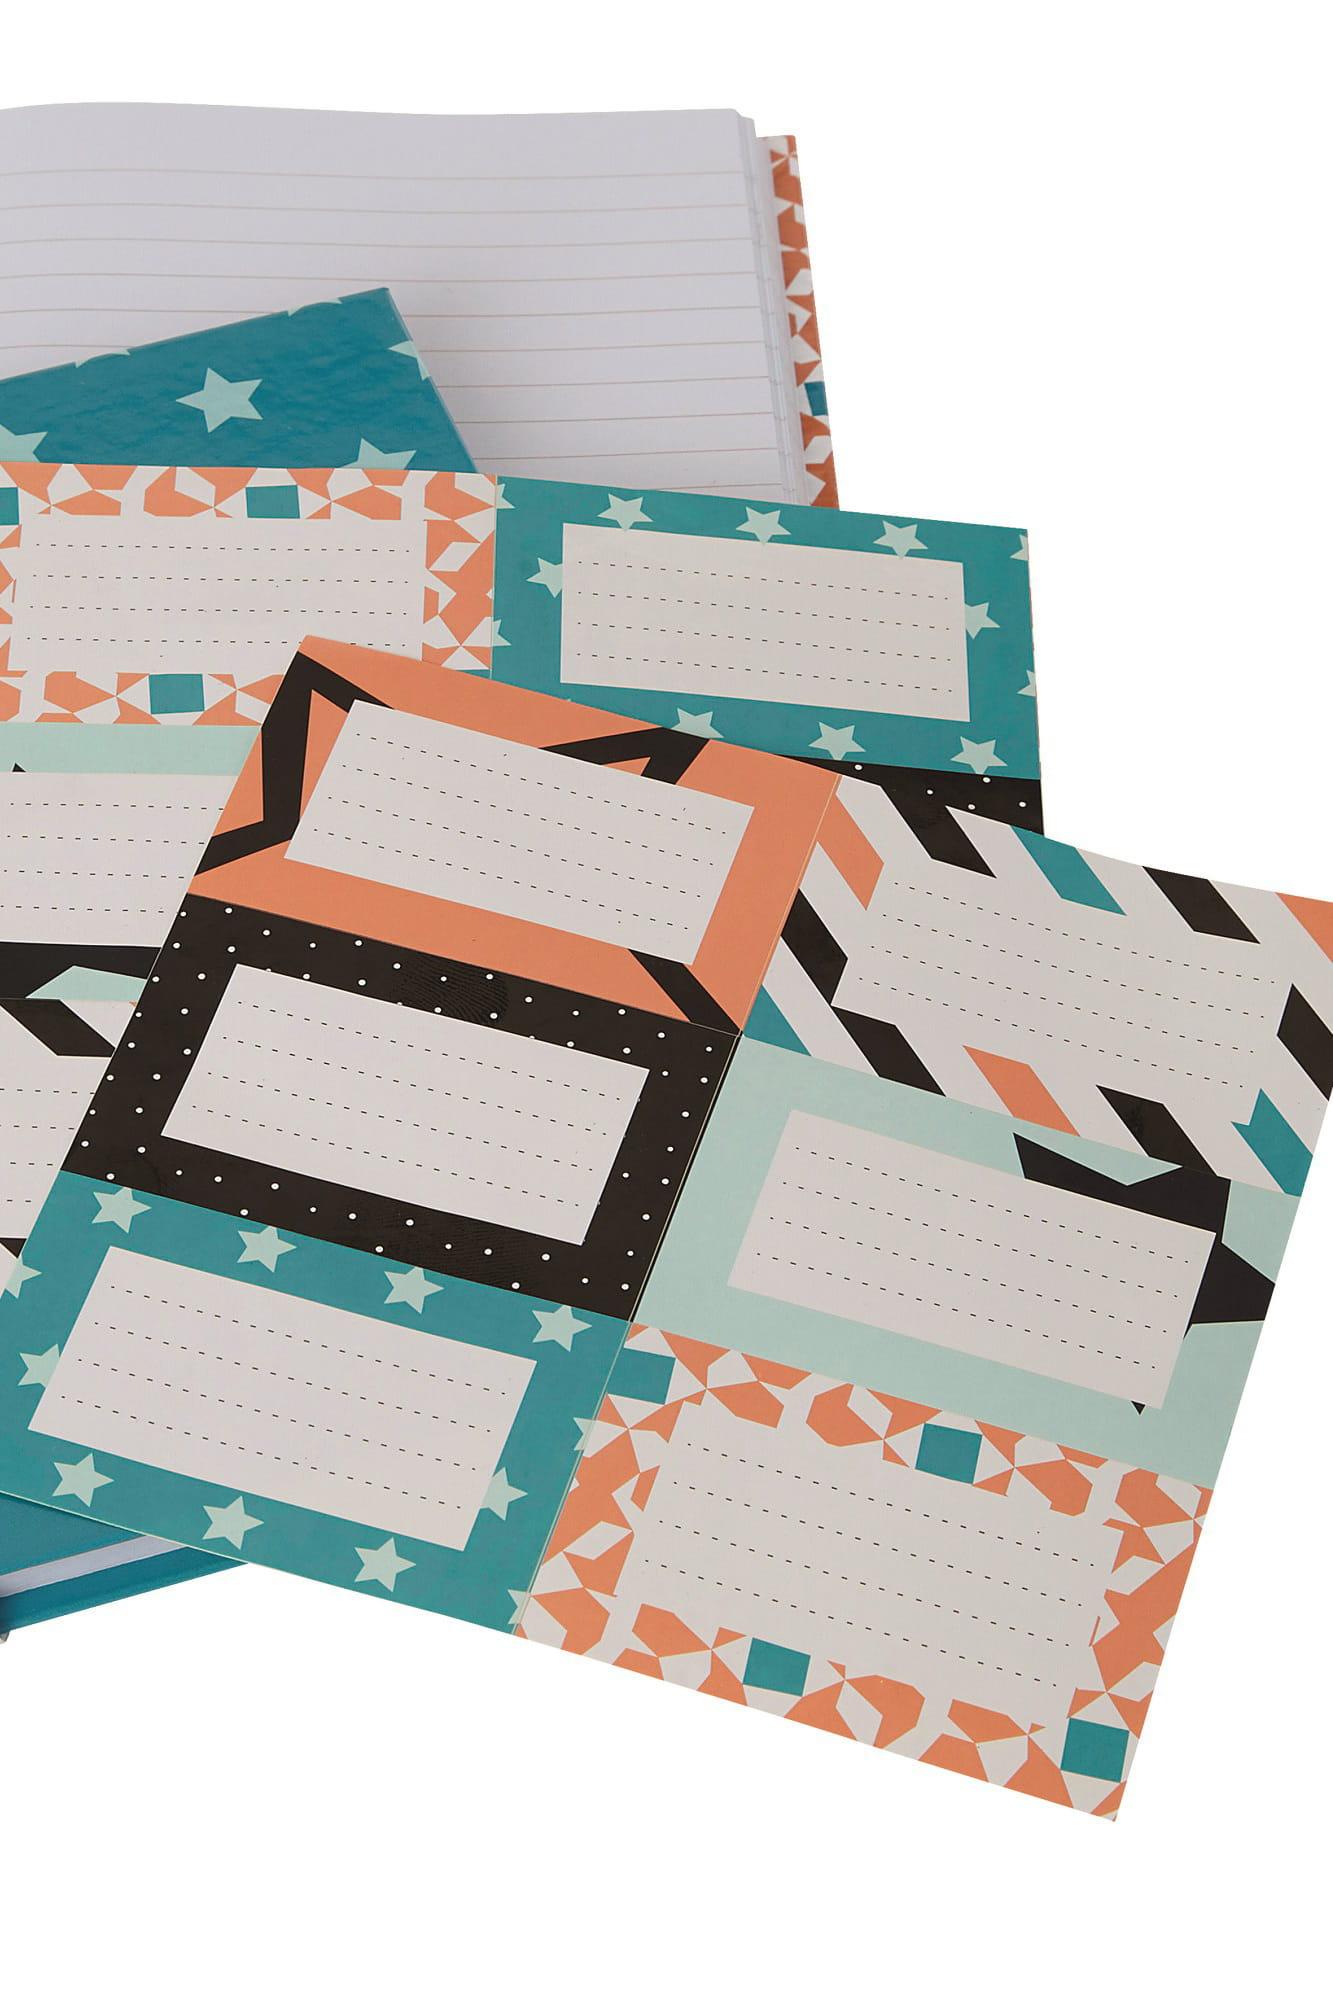 Etiquettes adh sives gifi 25 fournitures indispensables pour la rentr e - Journal des femmes com ...